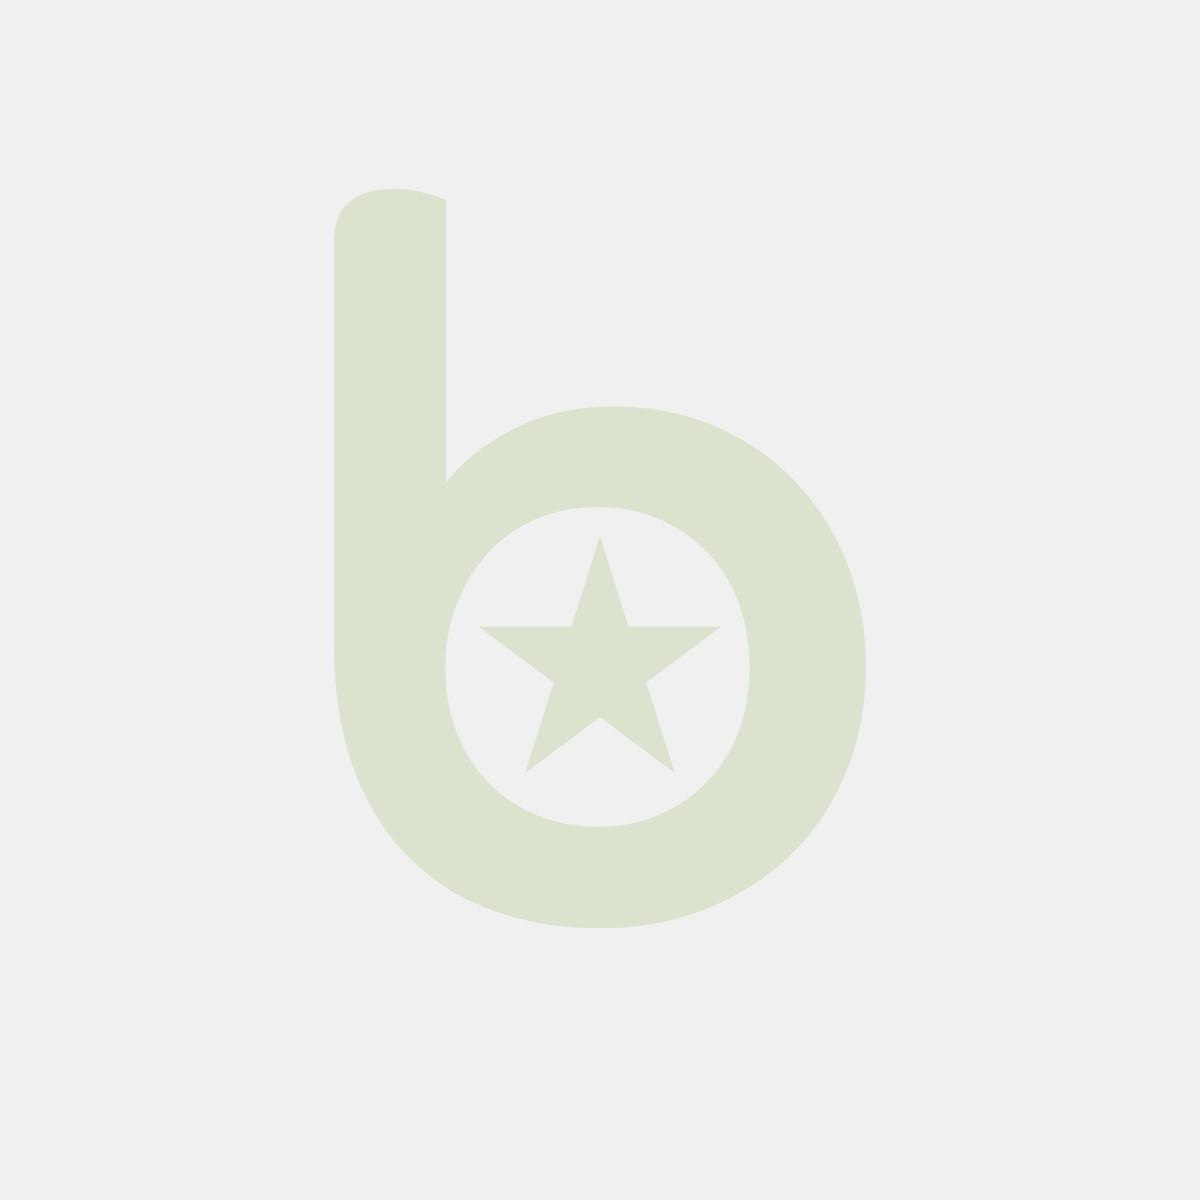 Pojemnik obiadowy do zgrzewu T B 227/178/1 H4 G h 4cm czarny, niedzielony, gładki METRO op. 320 sztuk